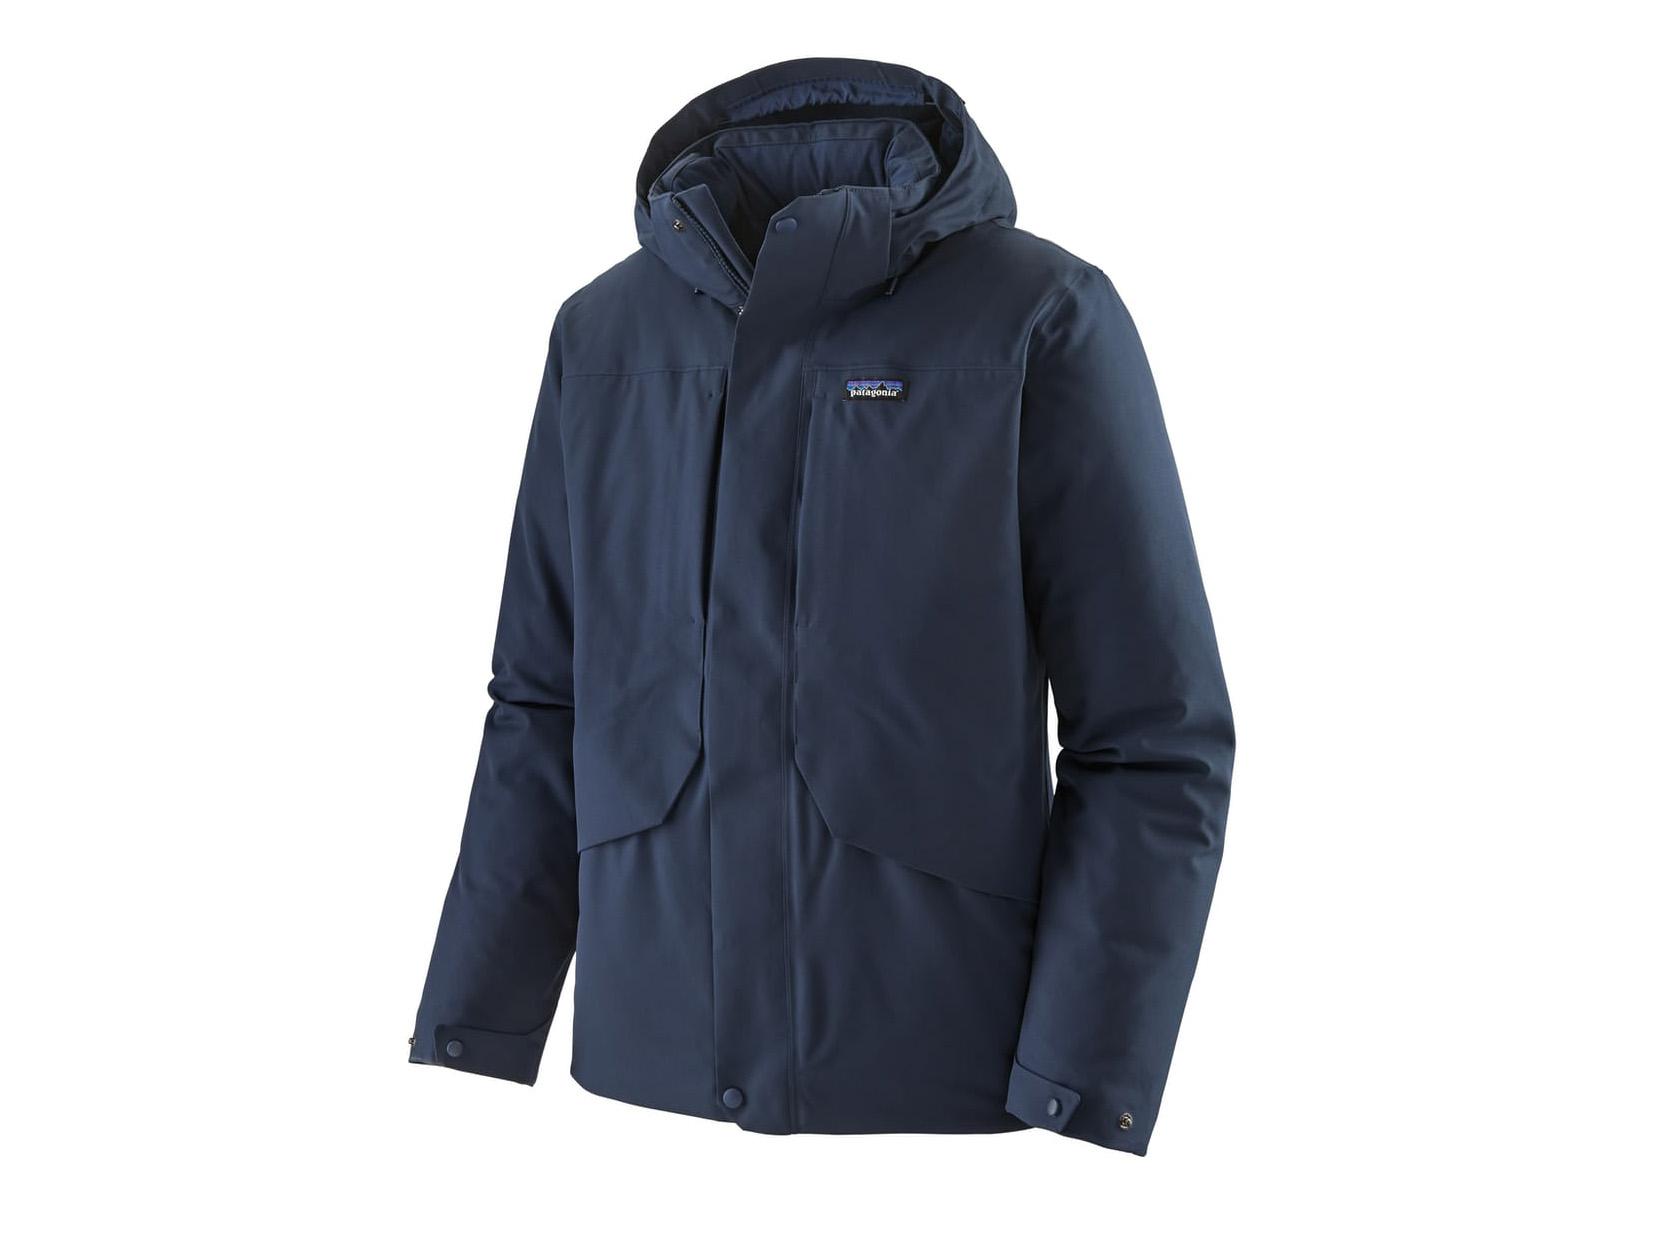 Best Men's Winter Jackets - Huckberry